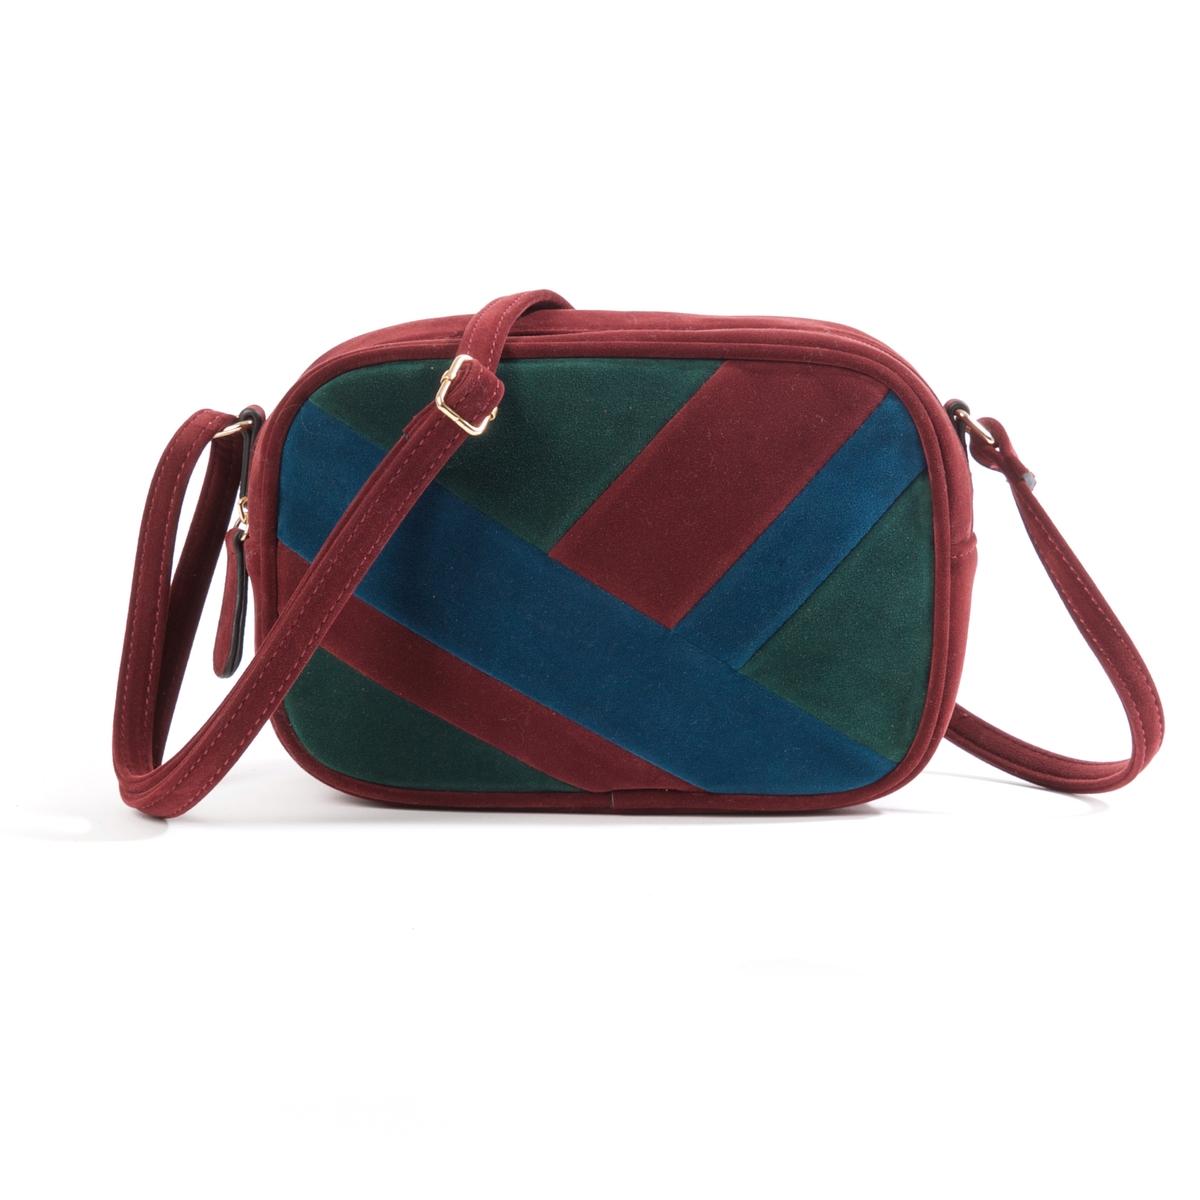 Сумка с плечевым ремнемОригинальная и женственная сумка закругленной формы и красивых цветов вмещает все самое необходимое. Состав и описание : Материал : верх из синтетики             подкладка из текстиляРазмеры : Ш.23 x В.16 x Г.8 смЗастежка : молния   1 карман для мобильного и 1 карман на молнию<br><br>Цвет: бордовый